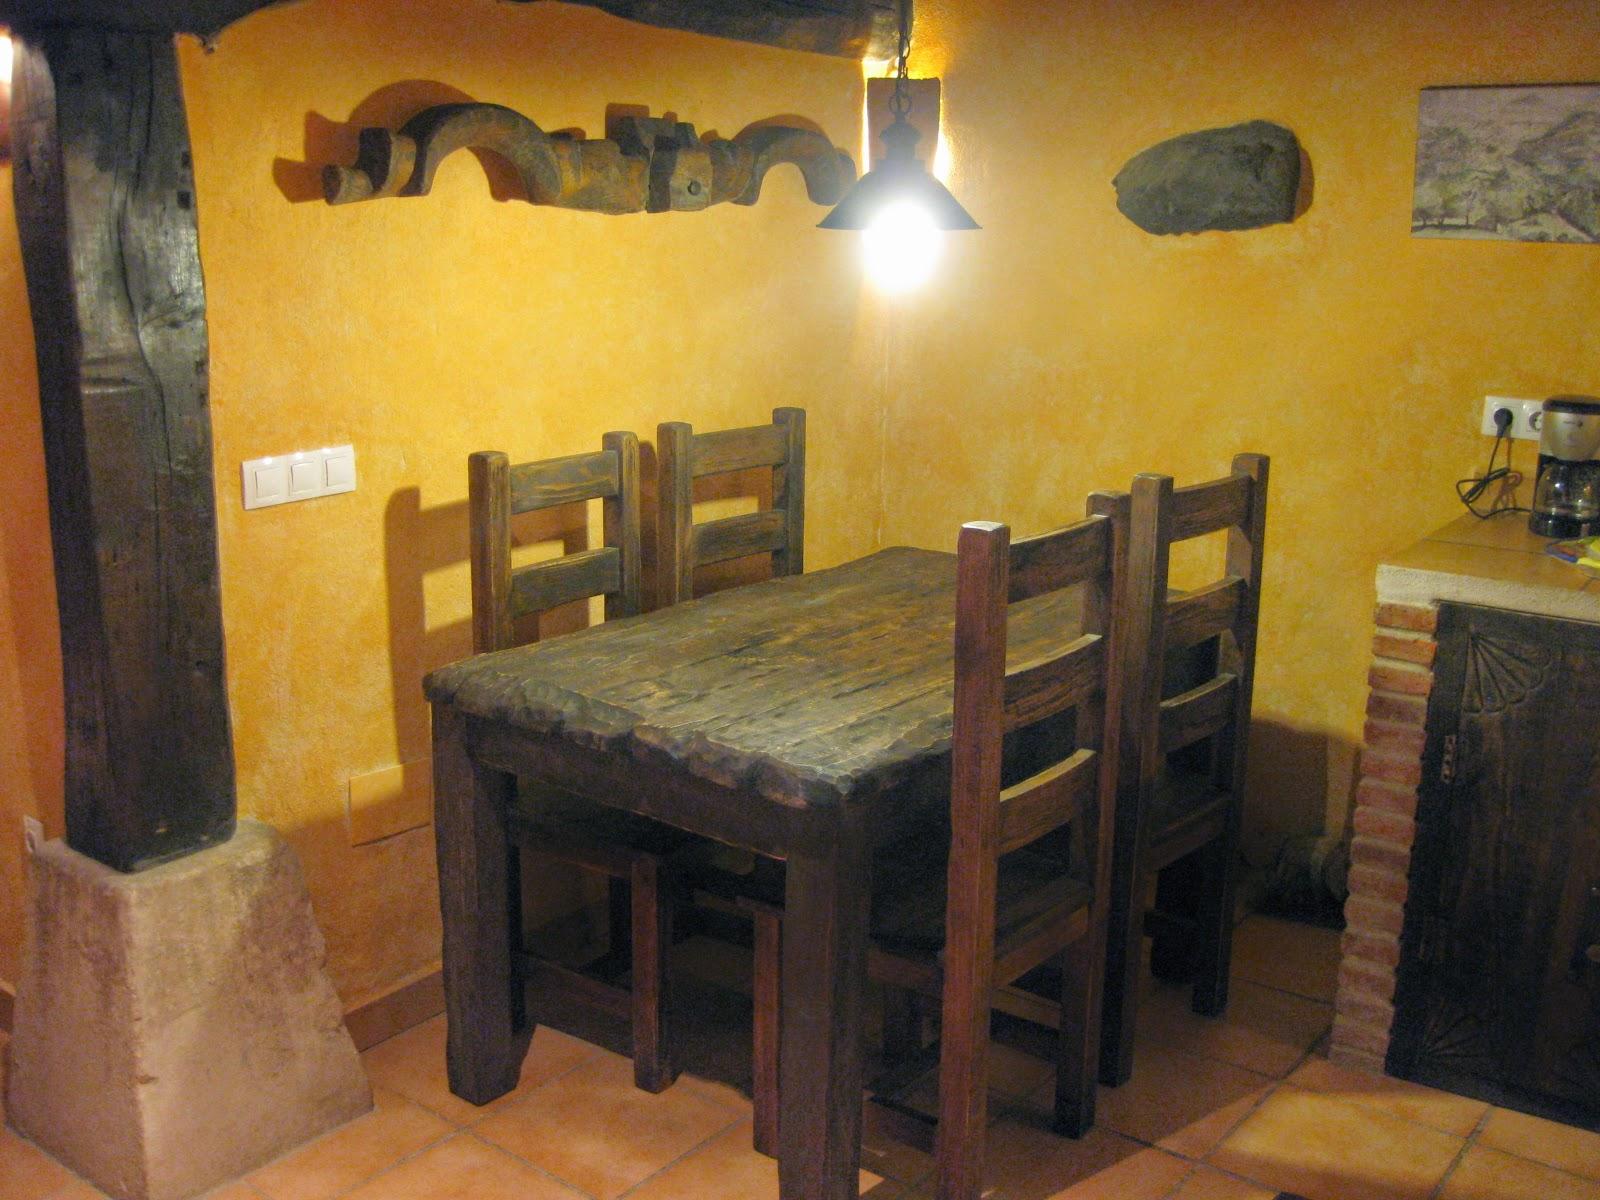 Artesan a r stica en madera mesas y sillas rusticas para for Mesas para bar rusticas